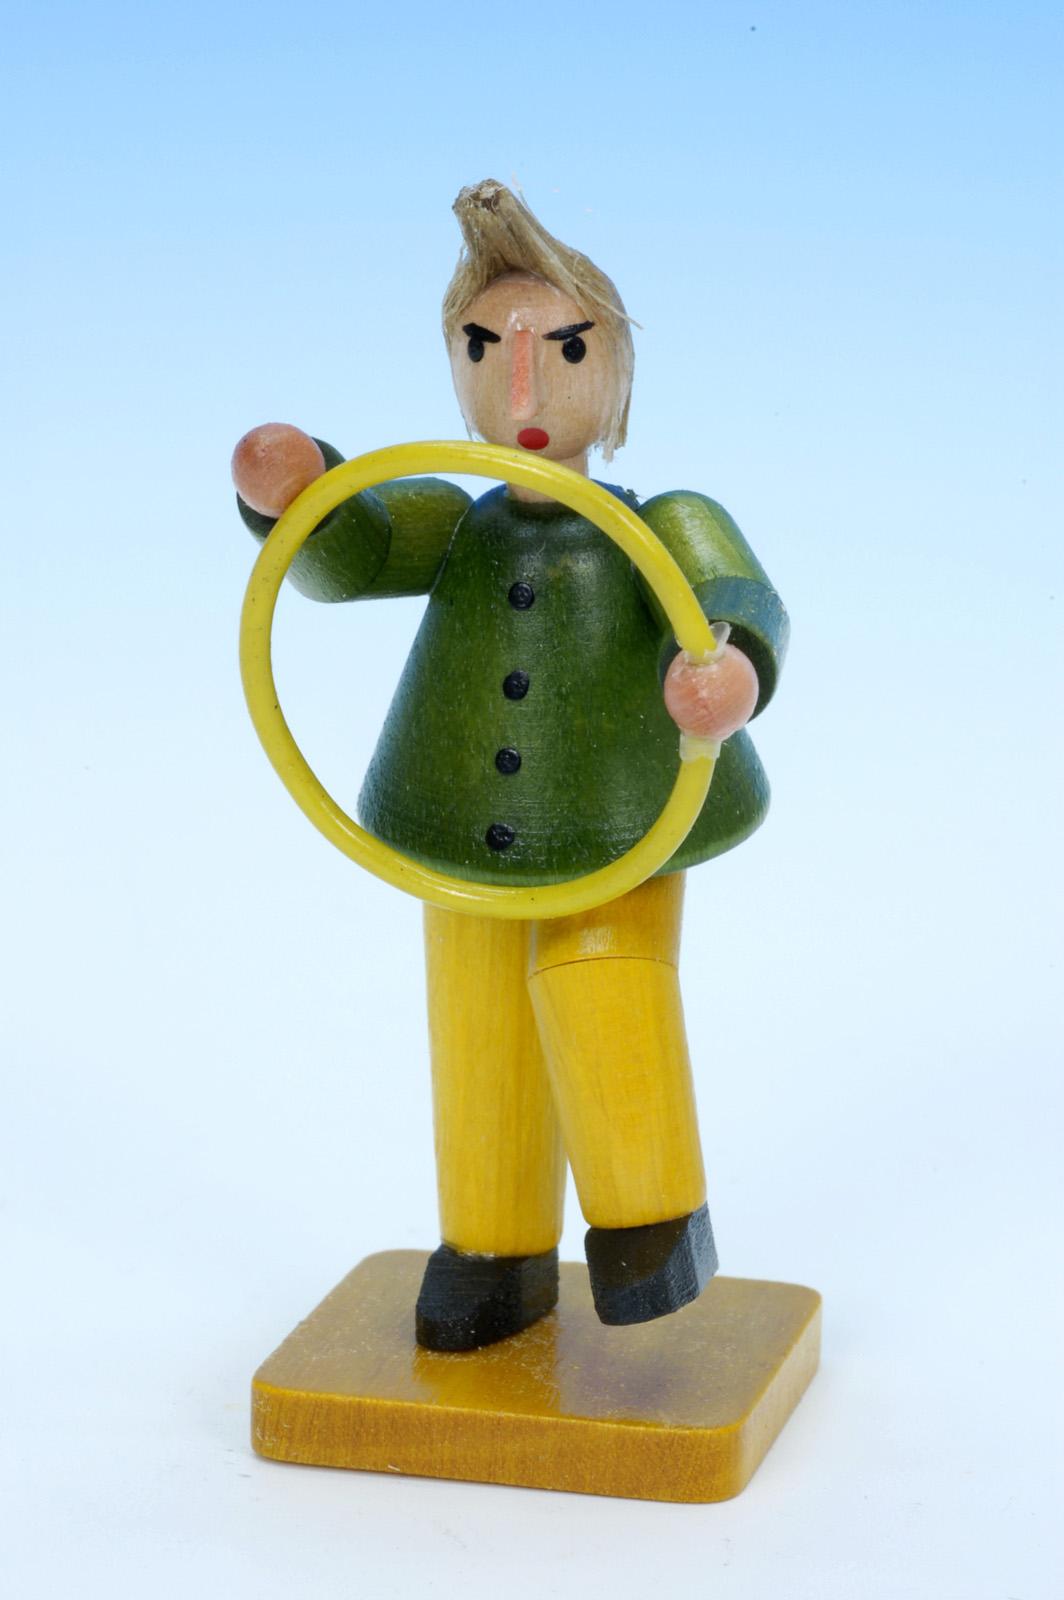 Wilhelm mit Reifen